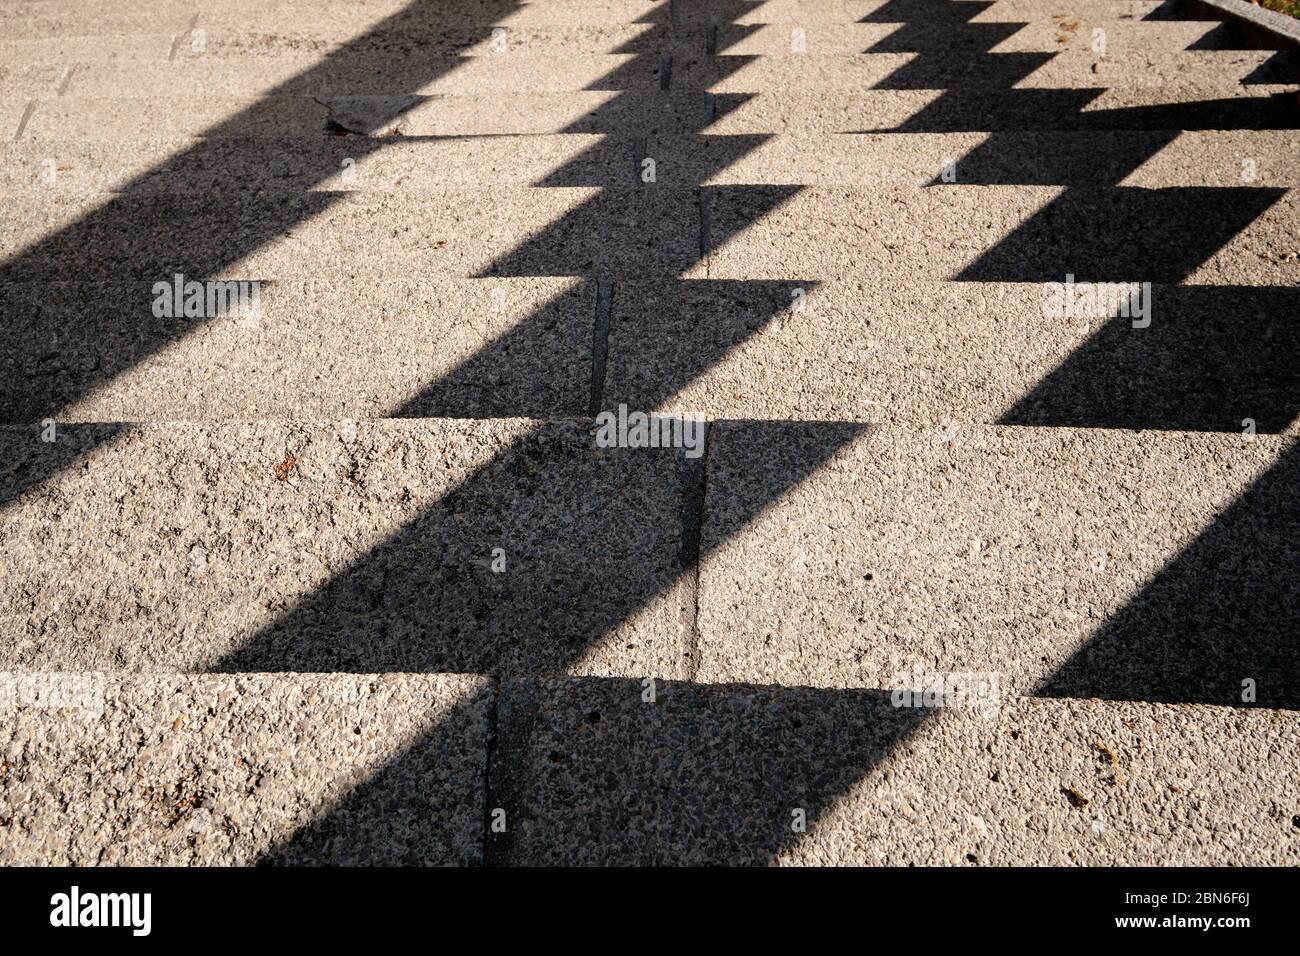 Abstrakter Hintergrund mit einem Muster, das von harten Schatten auf einer Betontreppe in der Stadt geschaffen wurde. Gesehen in Deutschland im Mai. Stockfoto